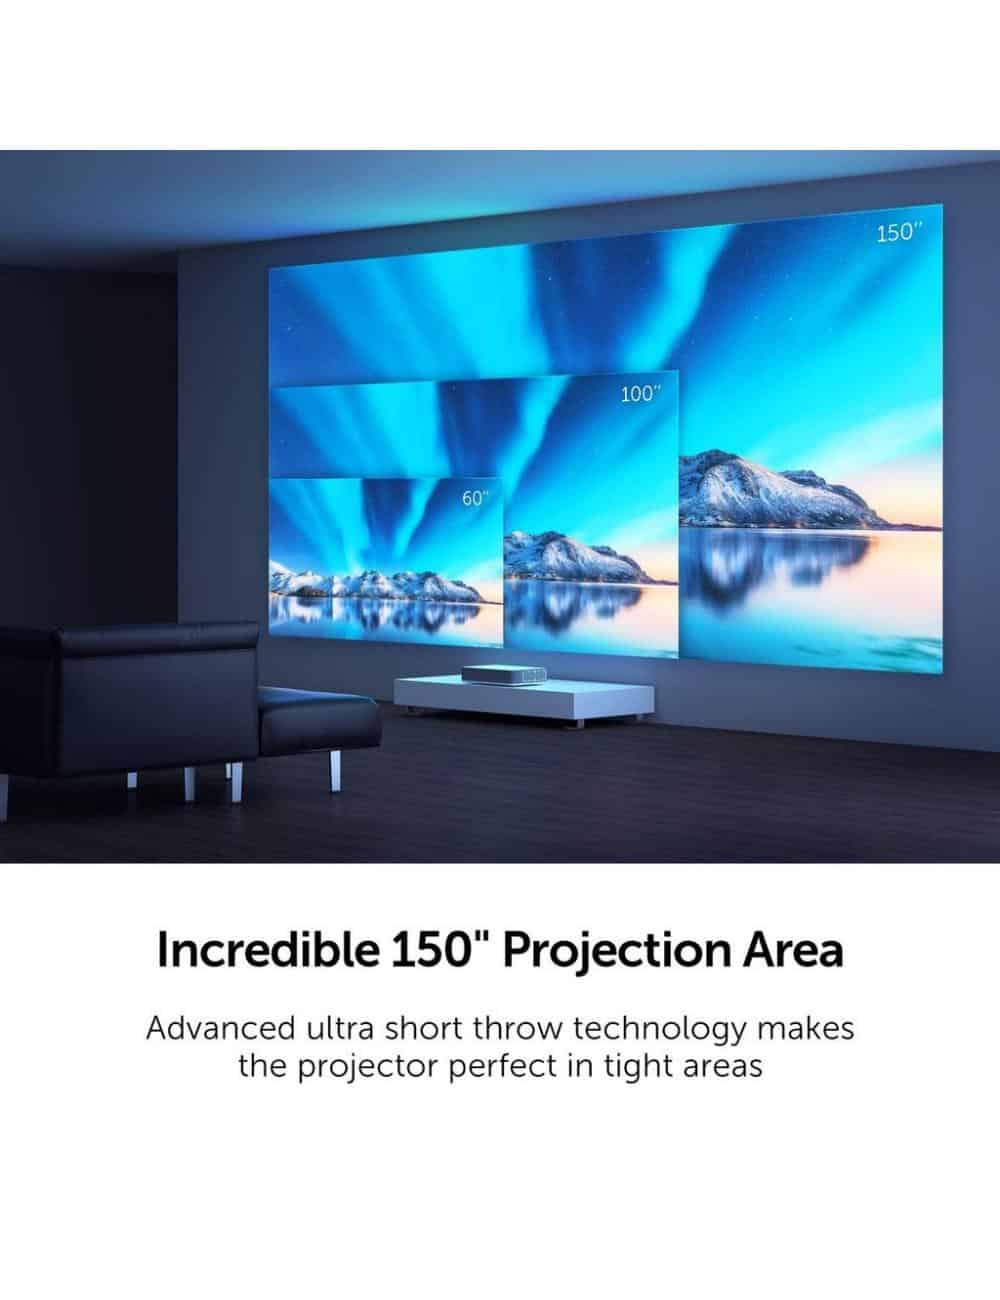 proiettore laser a tiro ultracorto home cinema 4K HDR, Vava 4K UST Laser TV, fino a 150 pollici